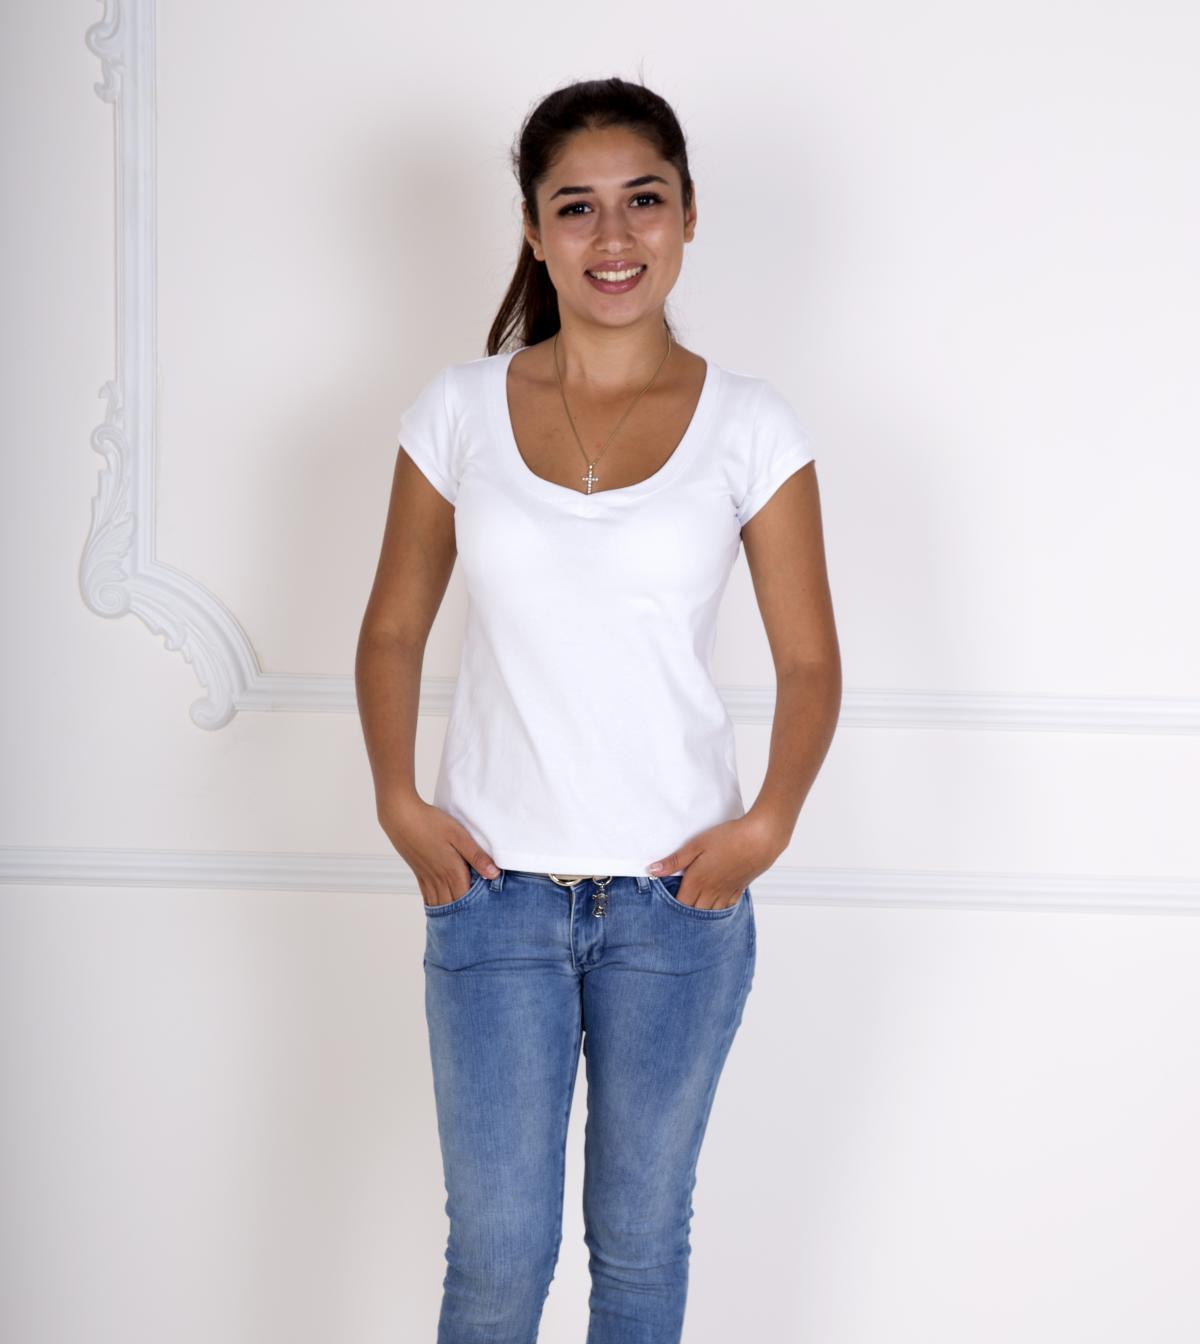 Жен. футболка Лиза Белый р. 50Майки и футболки<br>Факт. ОГ: 88 см <br>Факт. ОТ: 84 см <br>Факт. ОБ: 94 см <br>Длина по спинке: 62 см<br><br>Тип: Жен. футболка<br>Размер: 50<br>Материал: Фулайкра